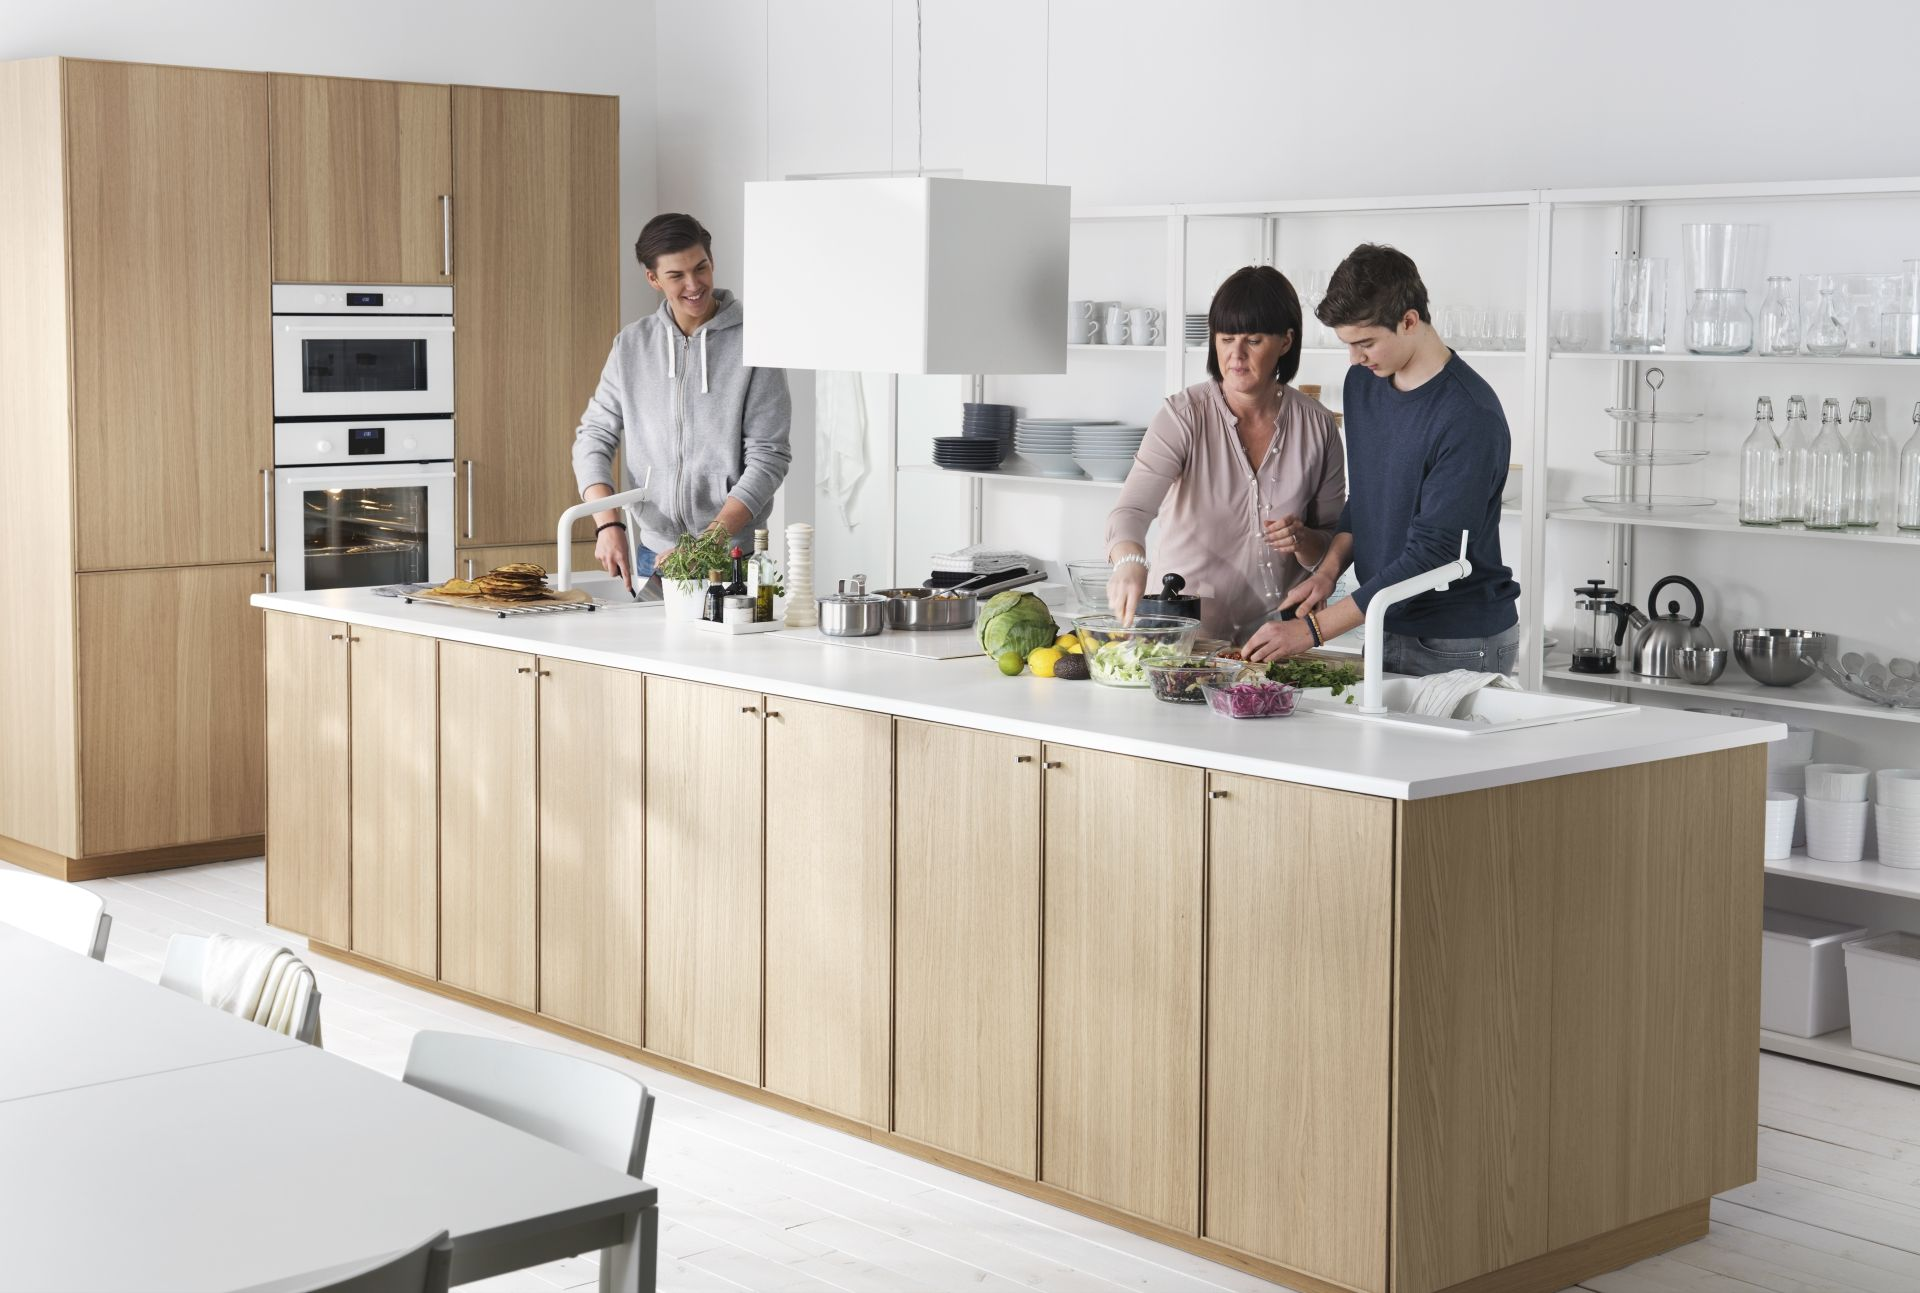 LILLTRÄSK werkblad | IKEA IKEAnl IKEAnederland keuken METOD serie koken  eten diner interieur wooninterieur inspiratie wooninspiratie